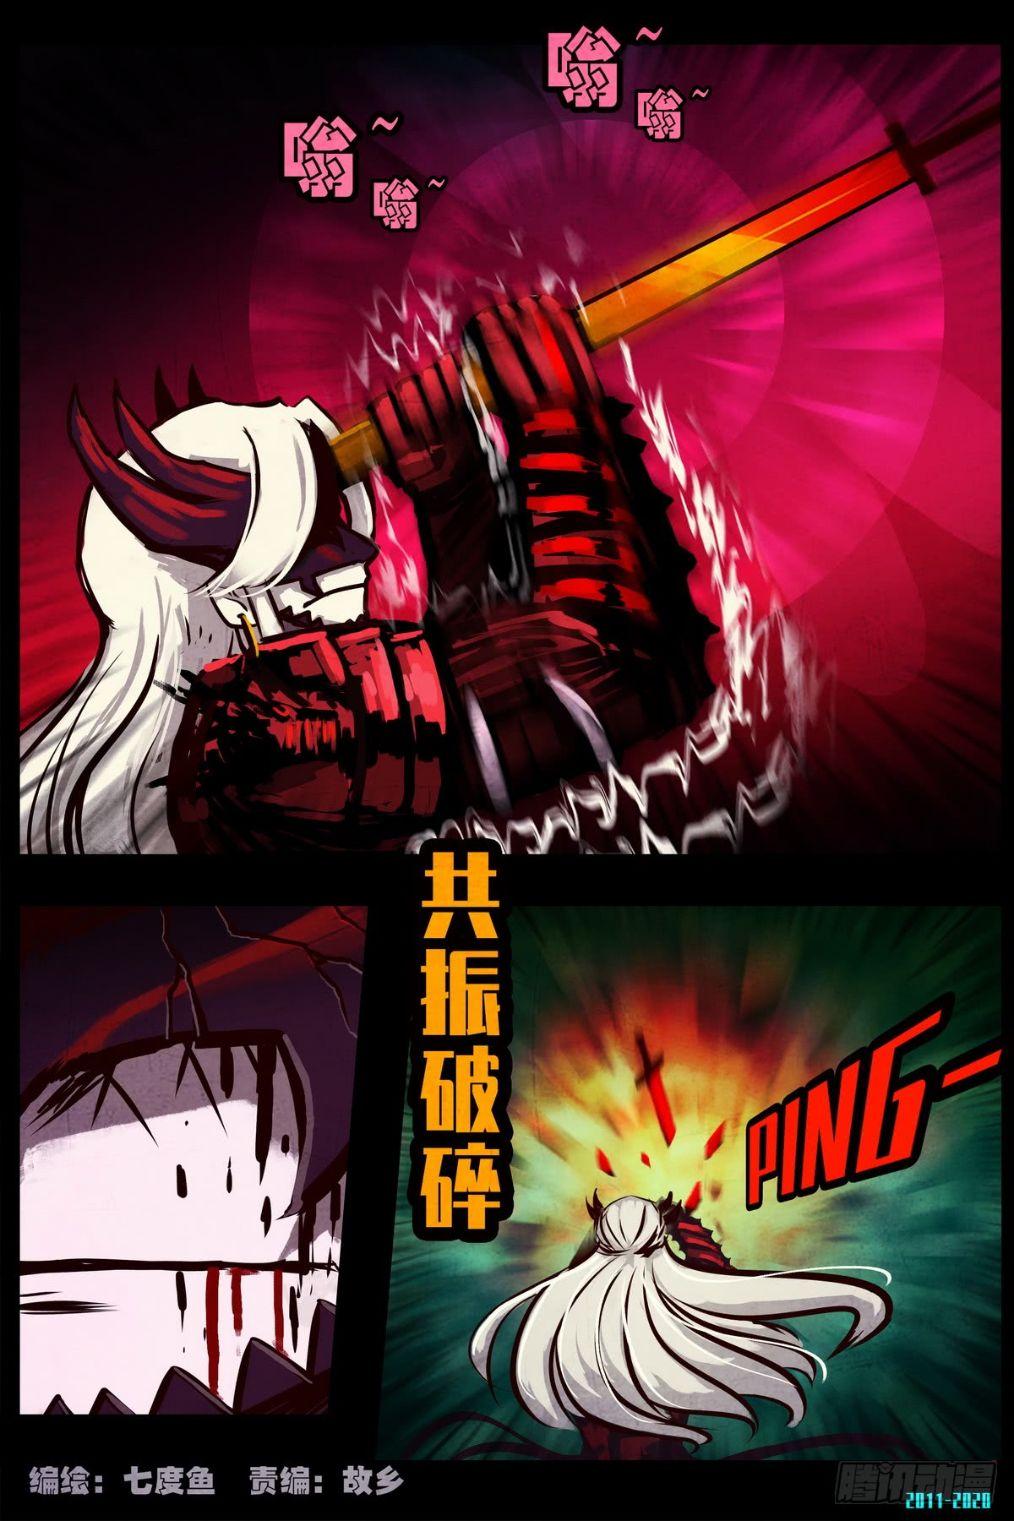 僵尸王漫画:尸兄(我叫白小飞) 第294集